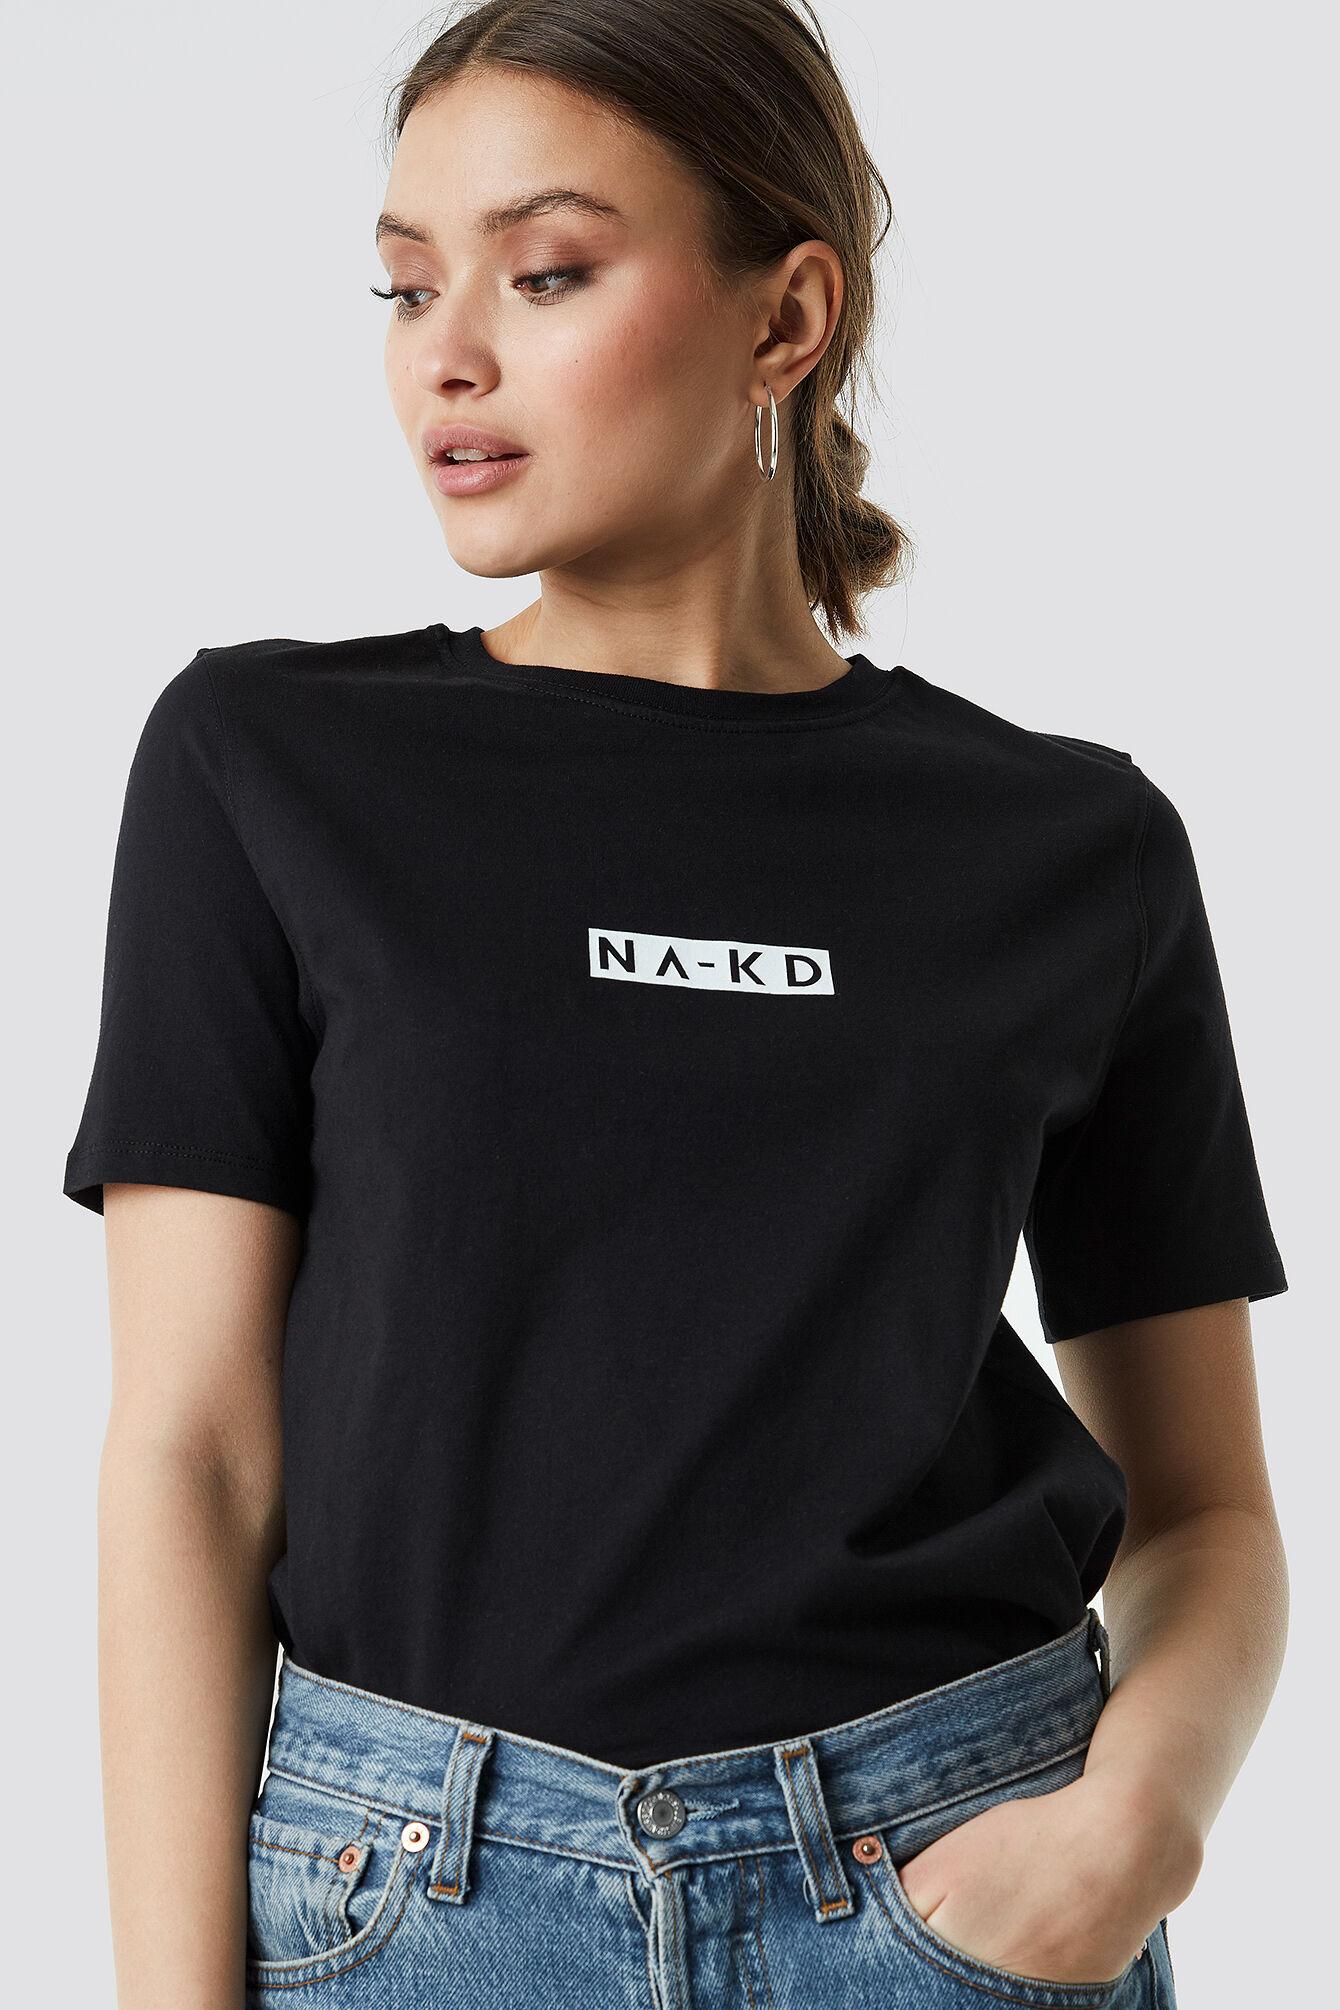 NA-KD Logo Tee - Black